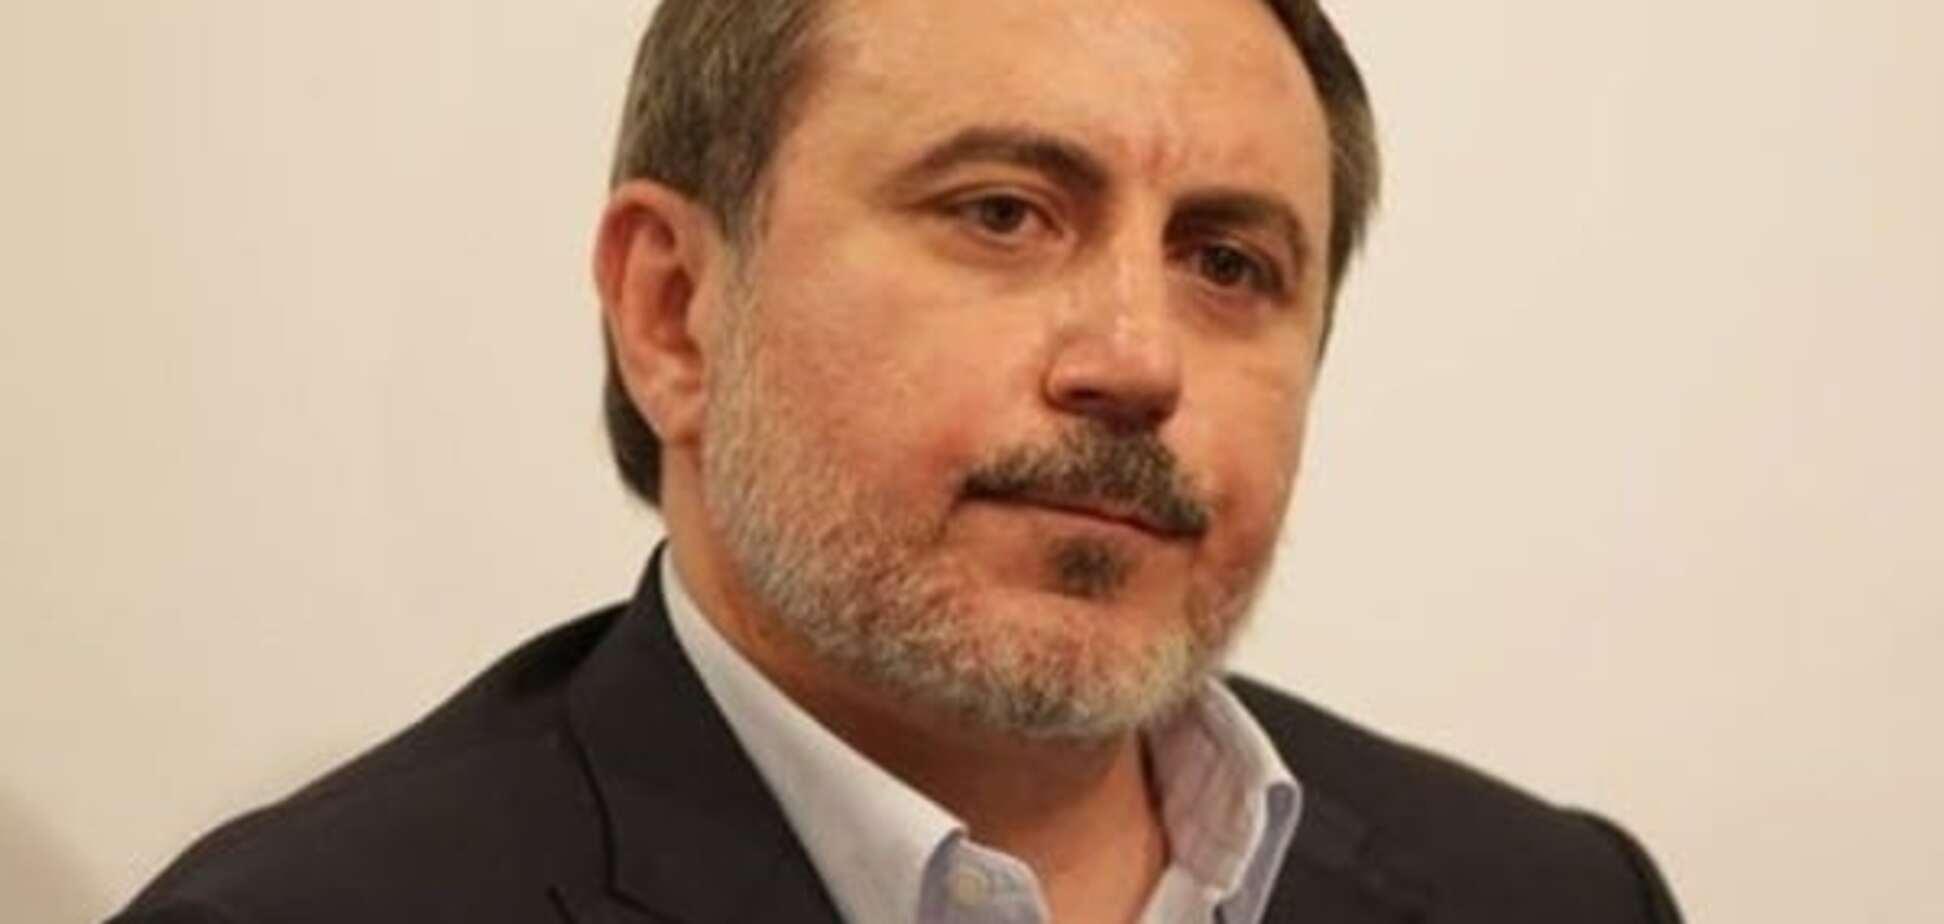 Ислямов о запрете Меджлиса: мы не такие беззубые, как кажется